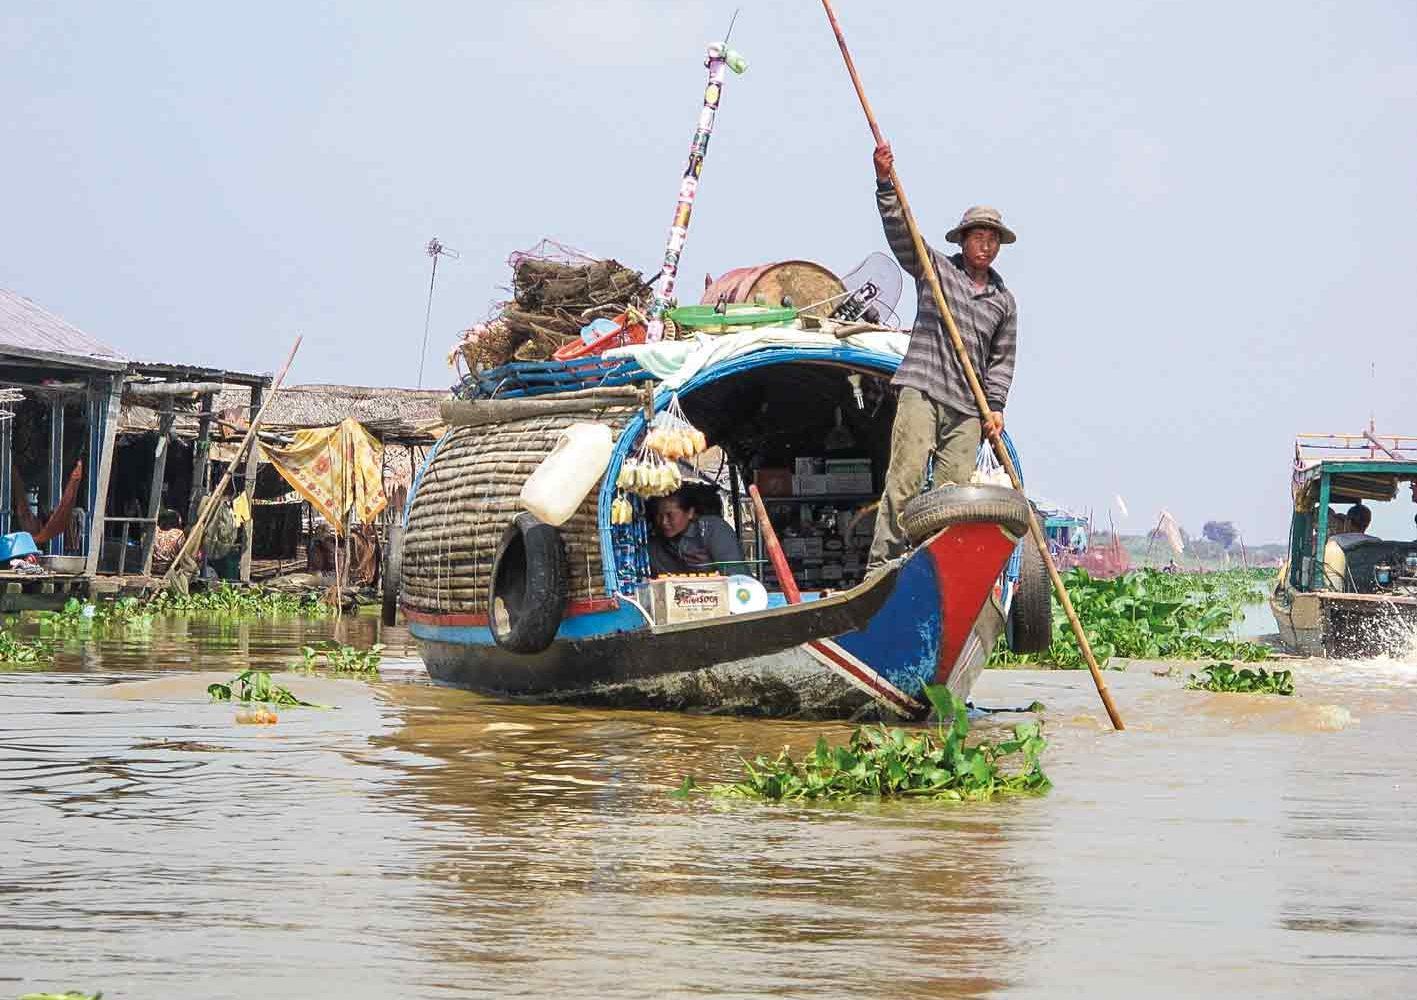 Auf dem Tonle Sap-Fluss begegnen wir Einheimischen mit ihren Booten.